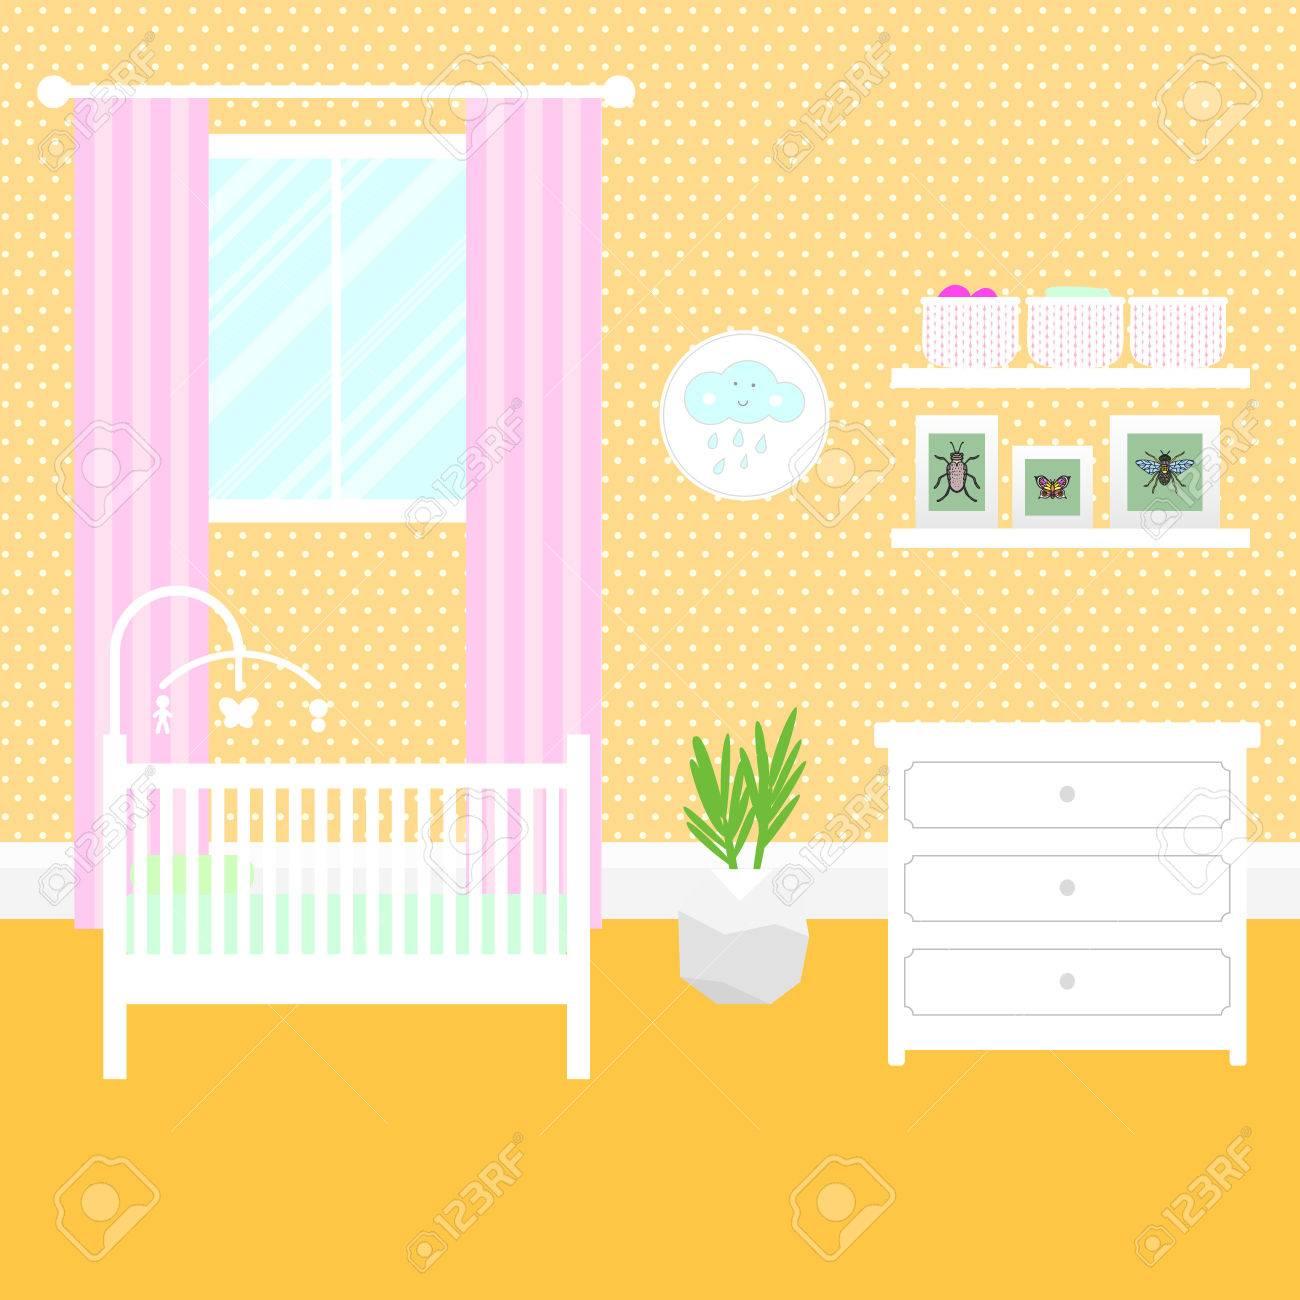 Kinderzimmer Mit Weißen Möbeln Baby Gelb Innenraum Mädchen